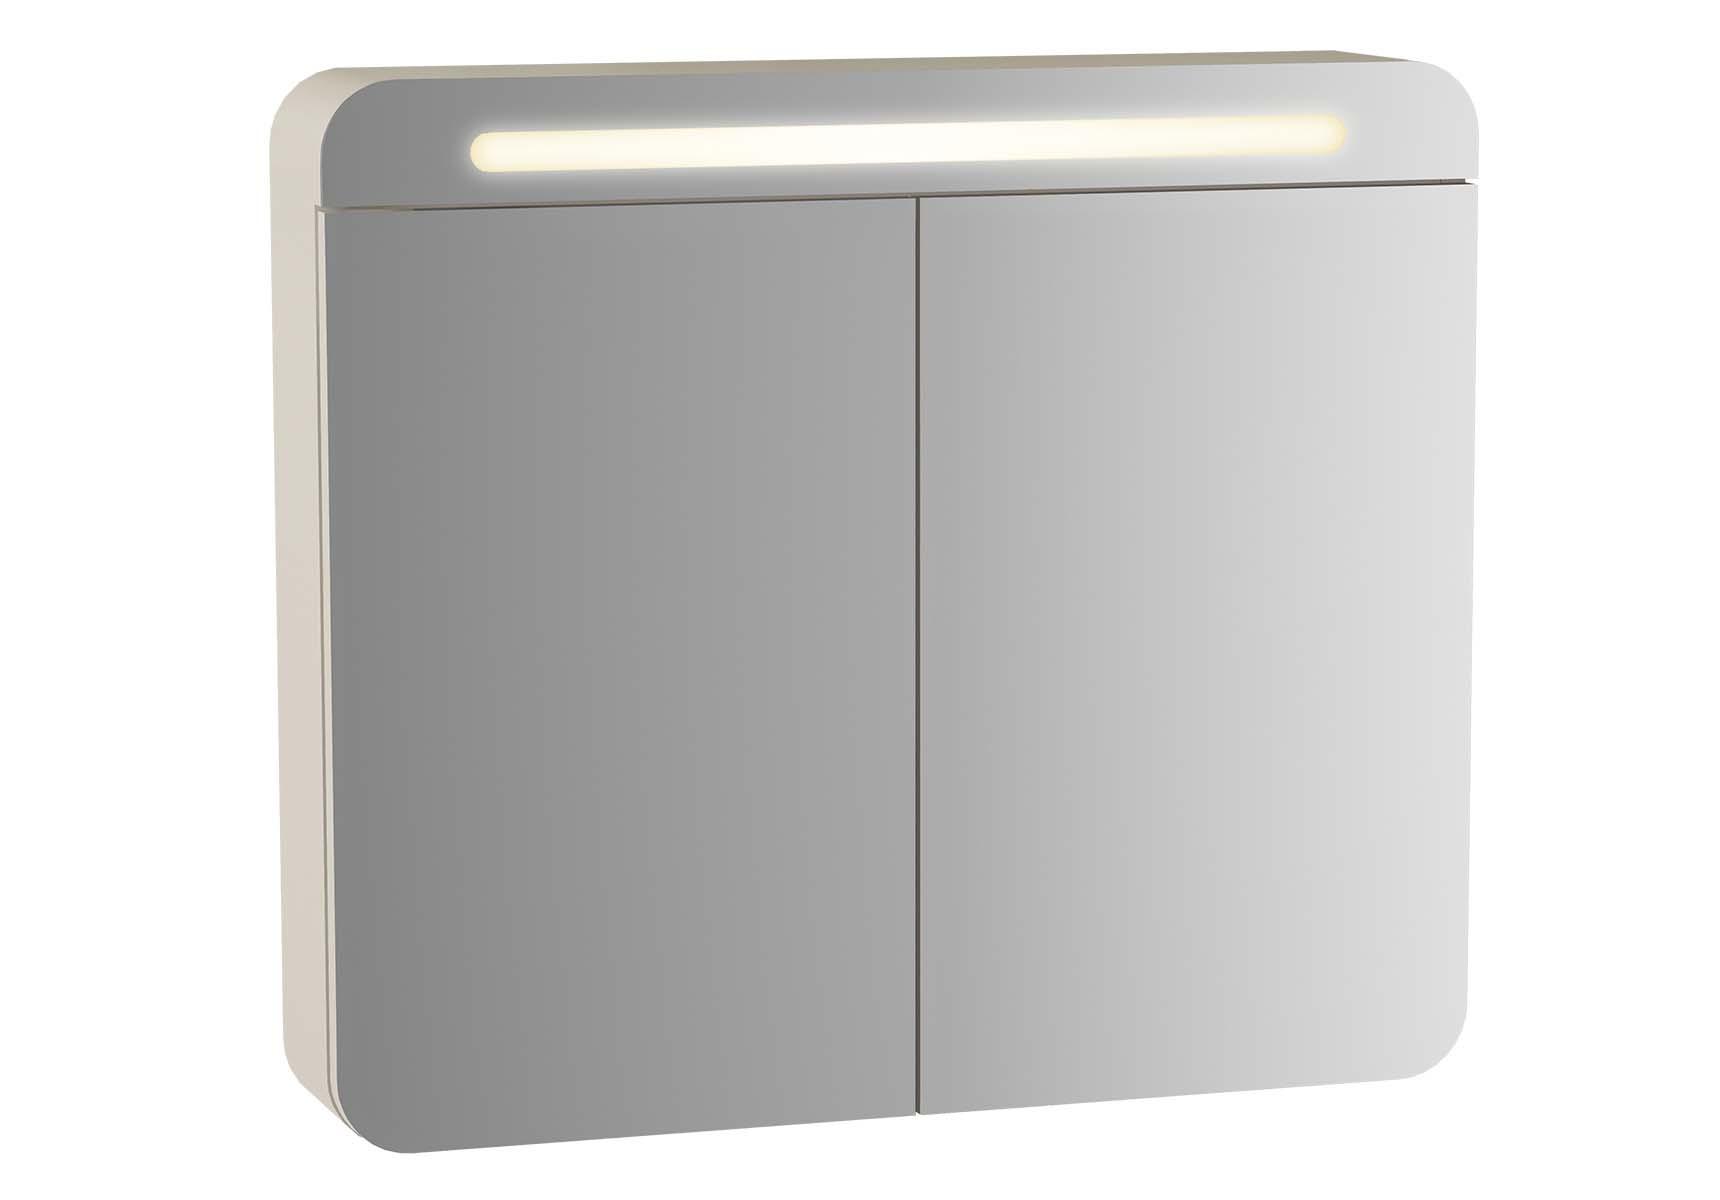 Sento Illuminated Mirror Cabinet, 60 cm, Matte Cream, left